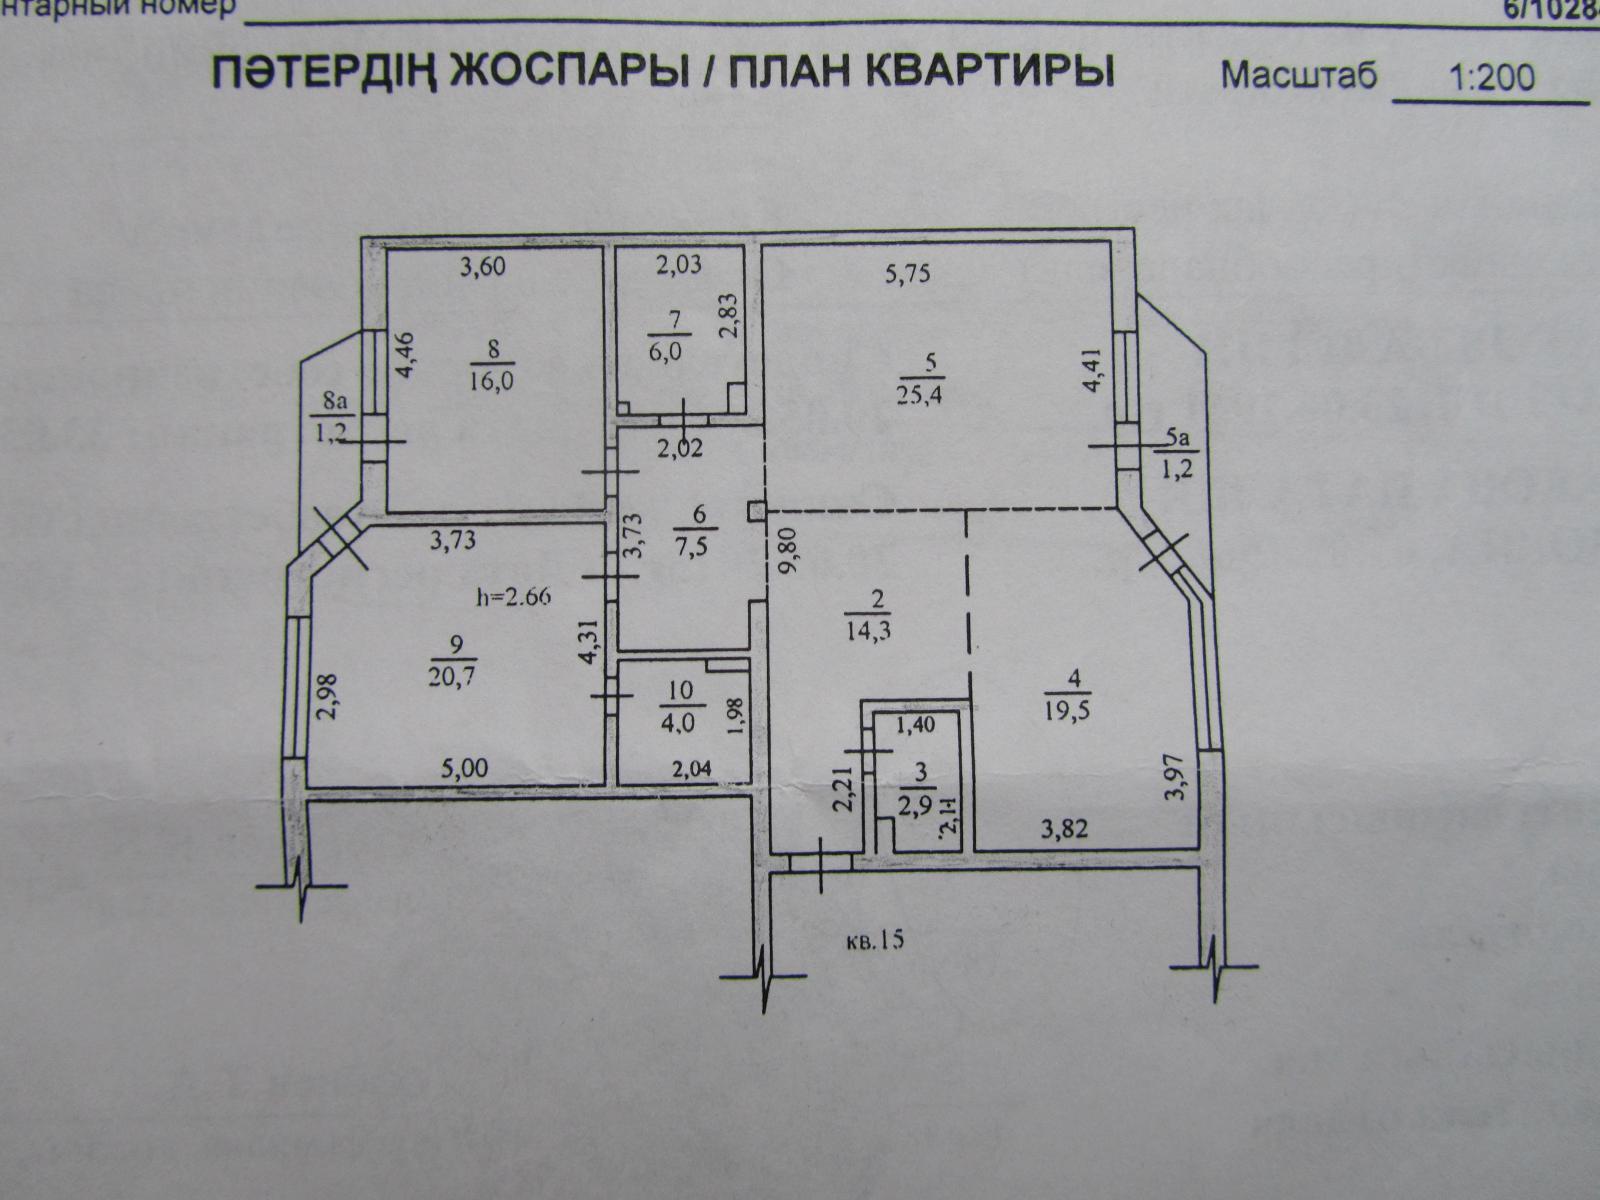 Схема квартиры и масштаб